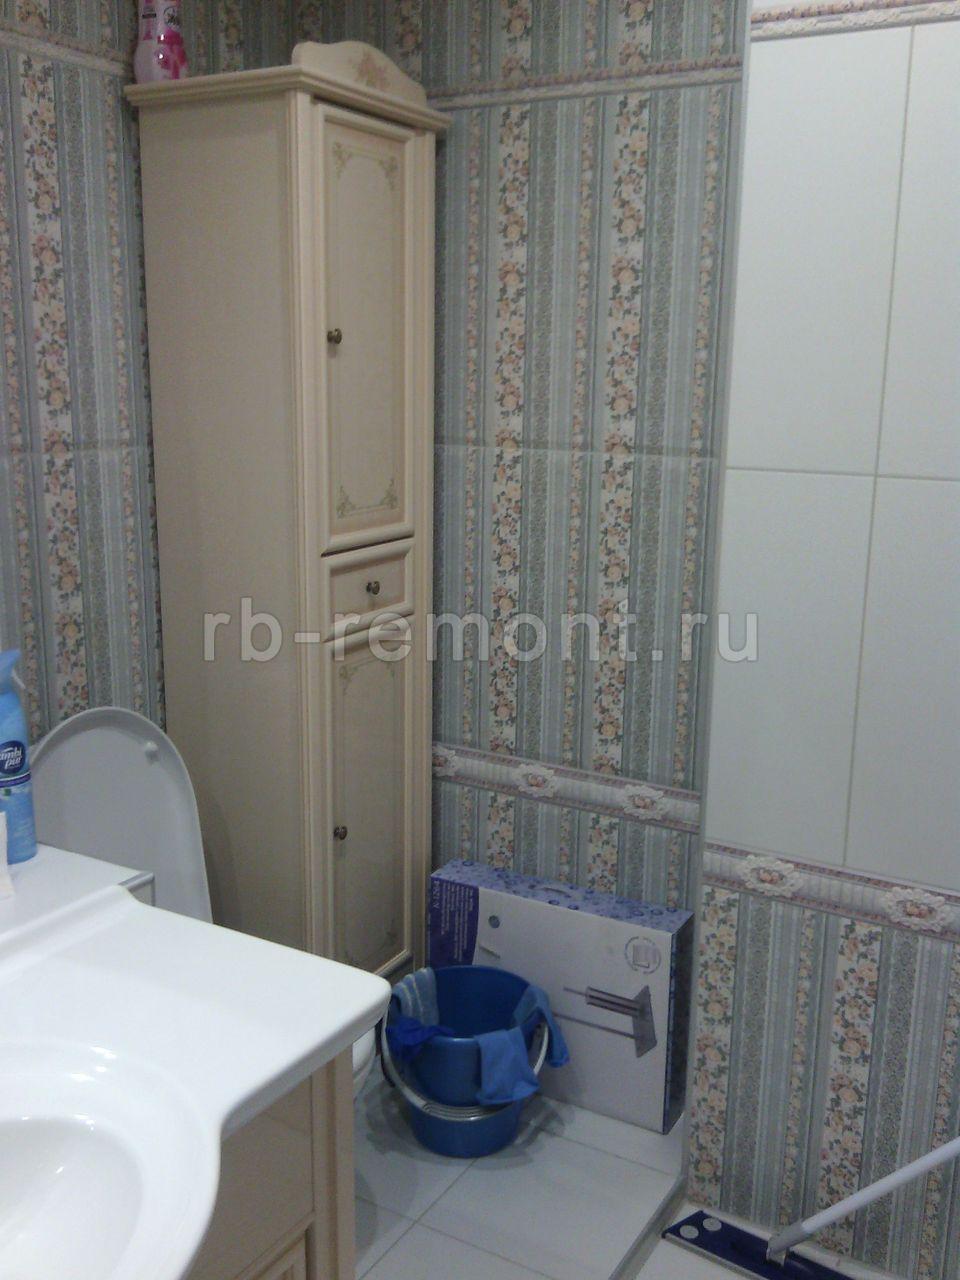 http://www.rb-remont.ru/raboty/photo_/komsomolskaya-125.1-00/img/img_20150709_120932.jpg (бол.)